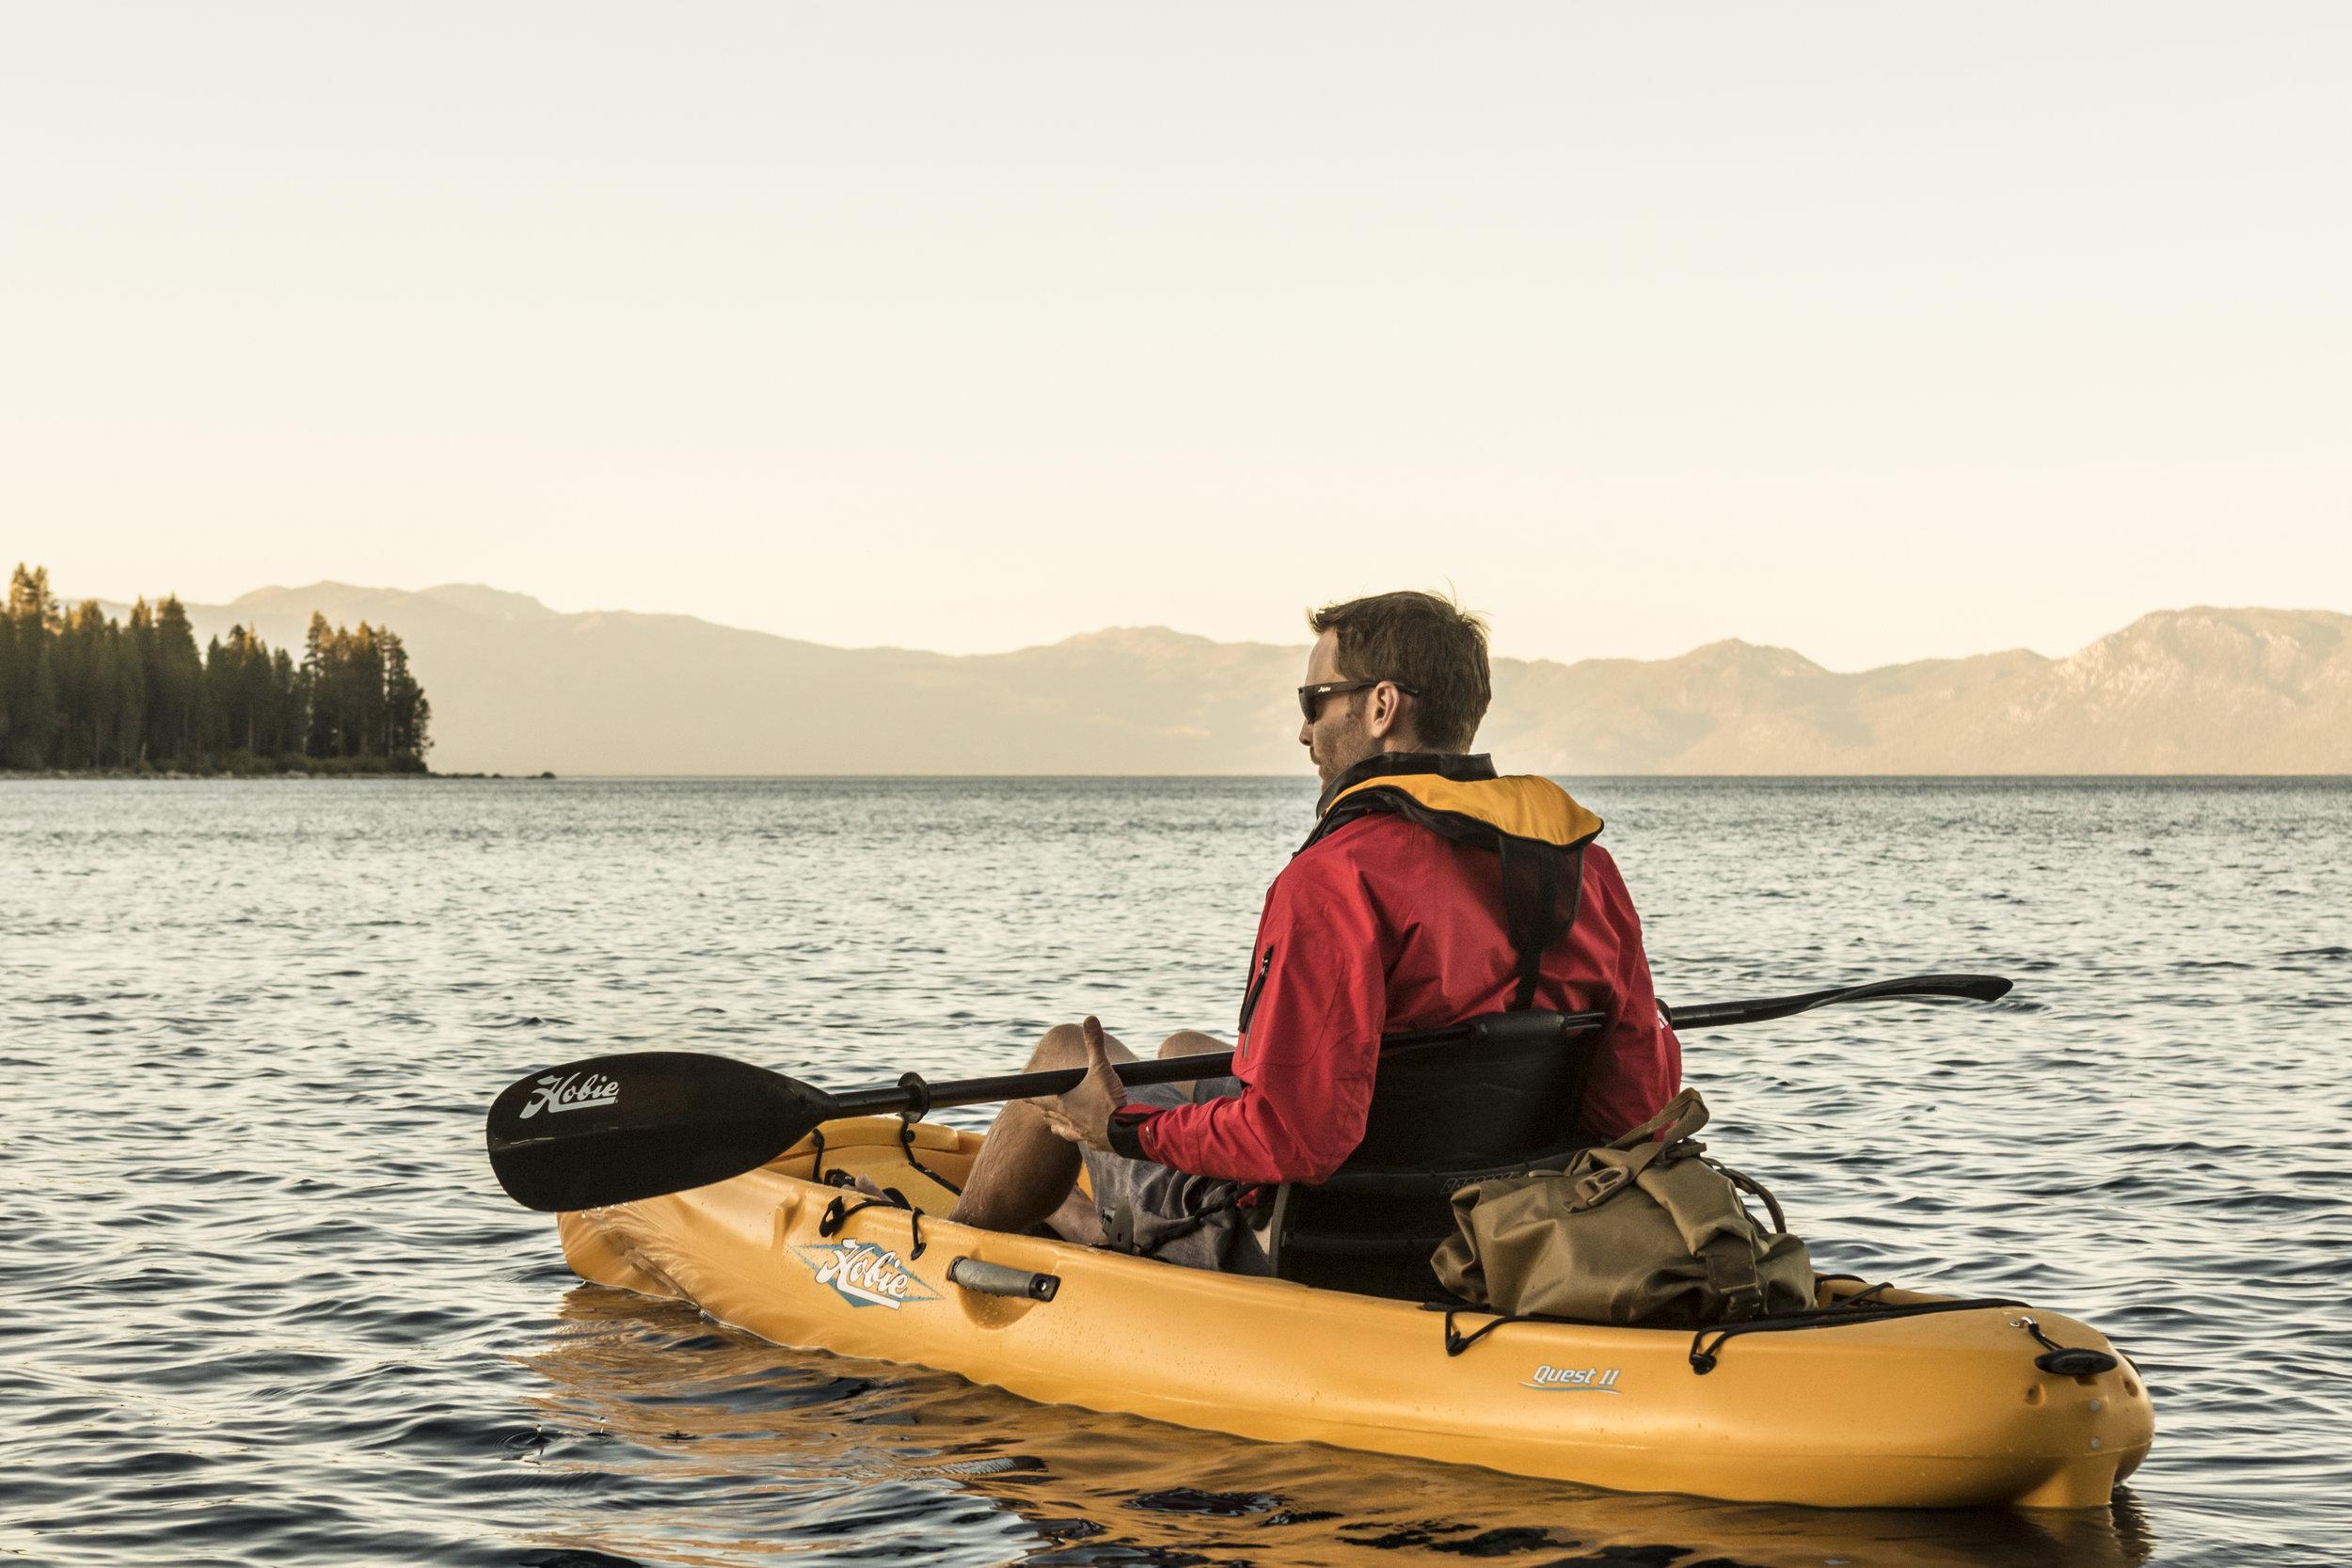 Quest11_action_Tahoe_golden_Sunset_3143_full.jpg